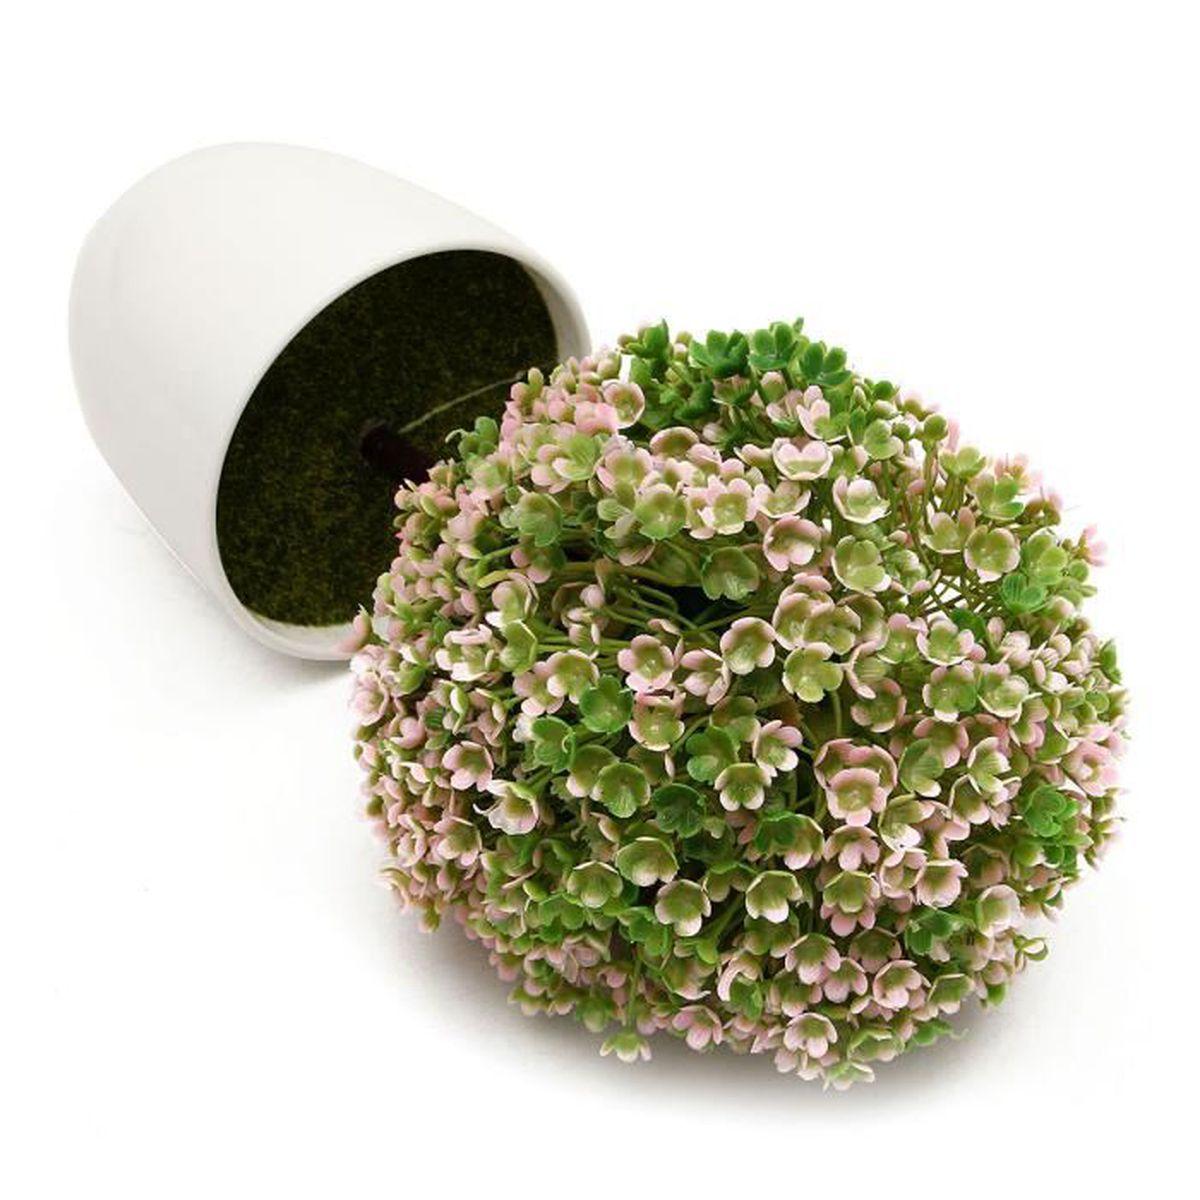 Boule artificielle herbes arbre pot pvc maison d coration for Arbre artificielle